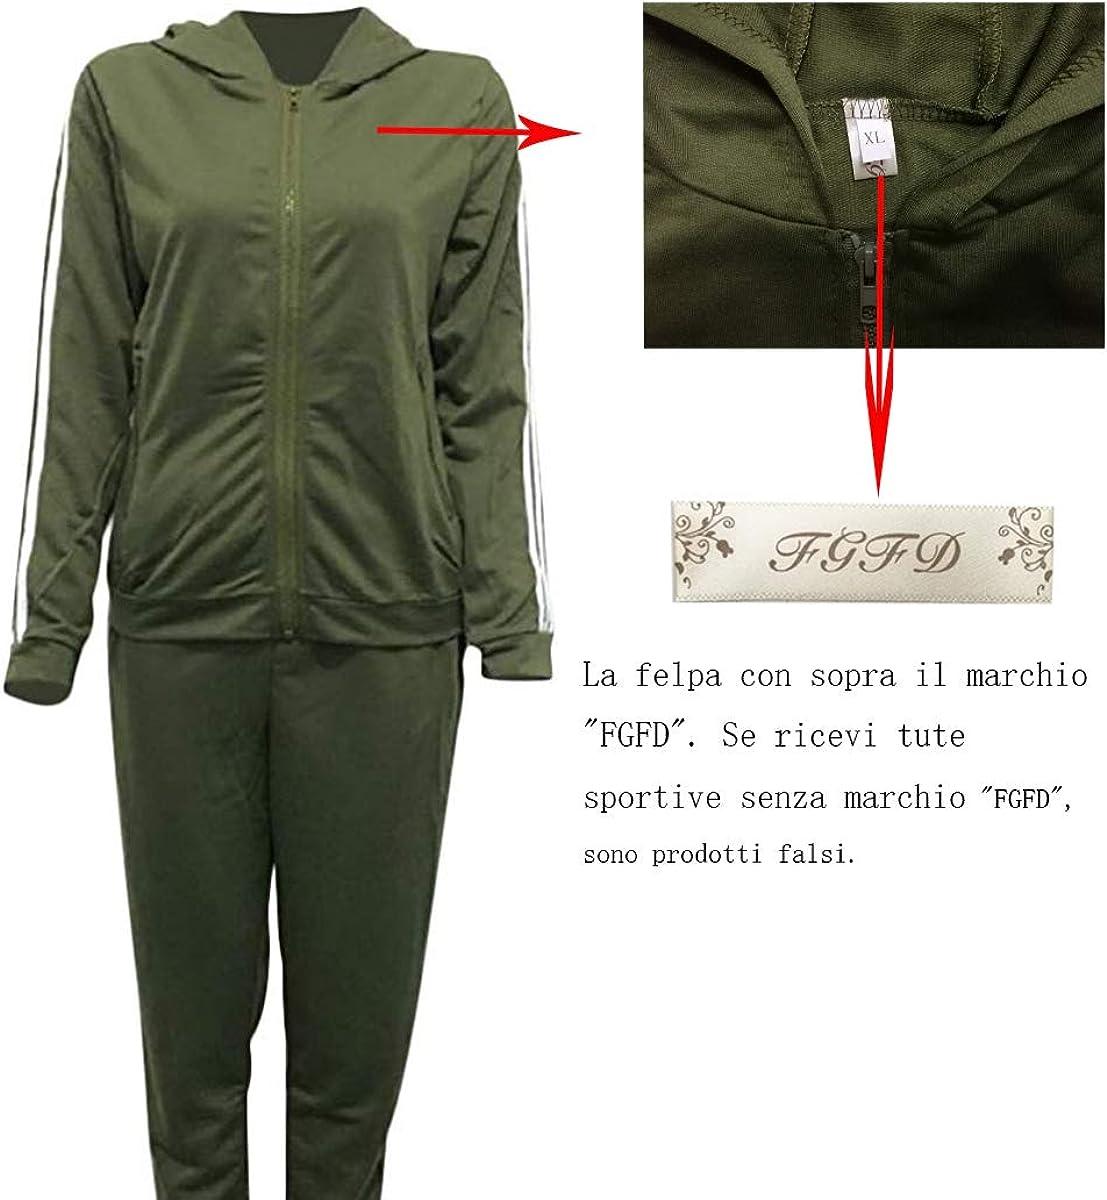 Tuta Donna Sportiva Abbigliamento Felpa Tops E Pantaloni Jogging Manica Lunga Pullover Tuta Ginnastica per lautunno Primaverile Invernale